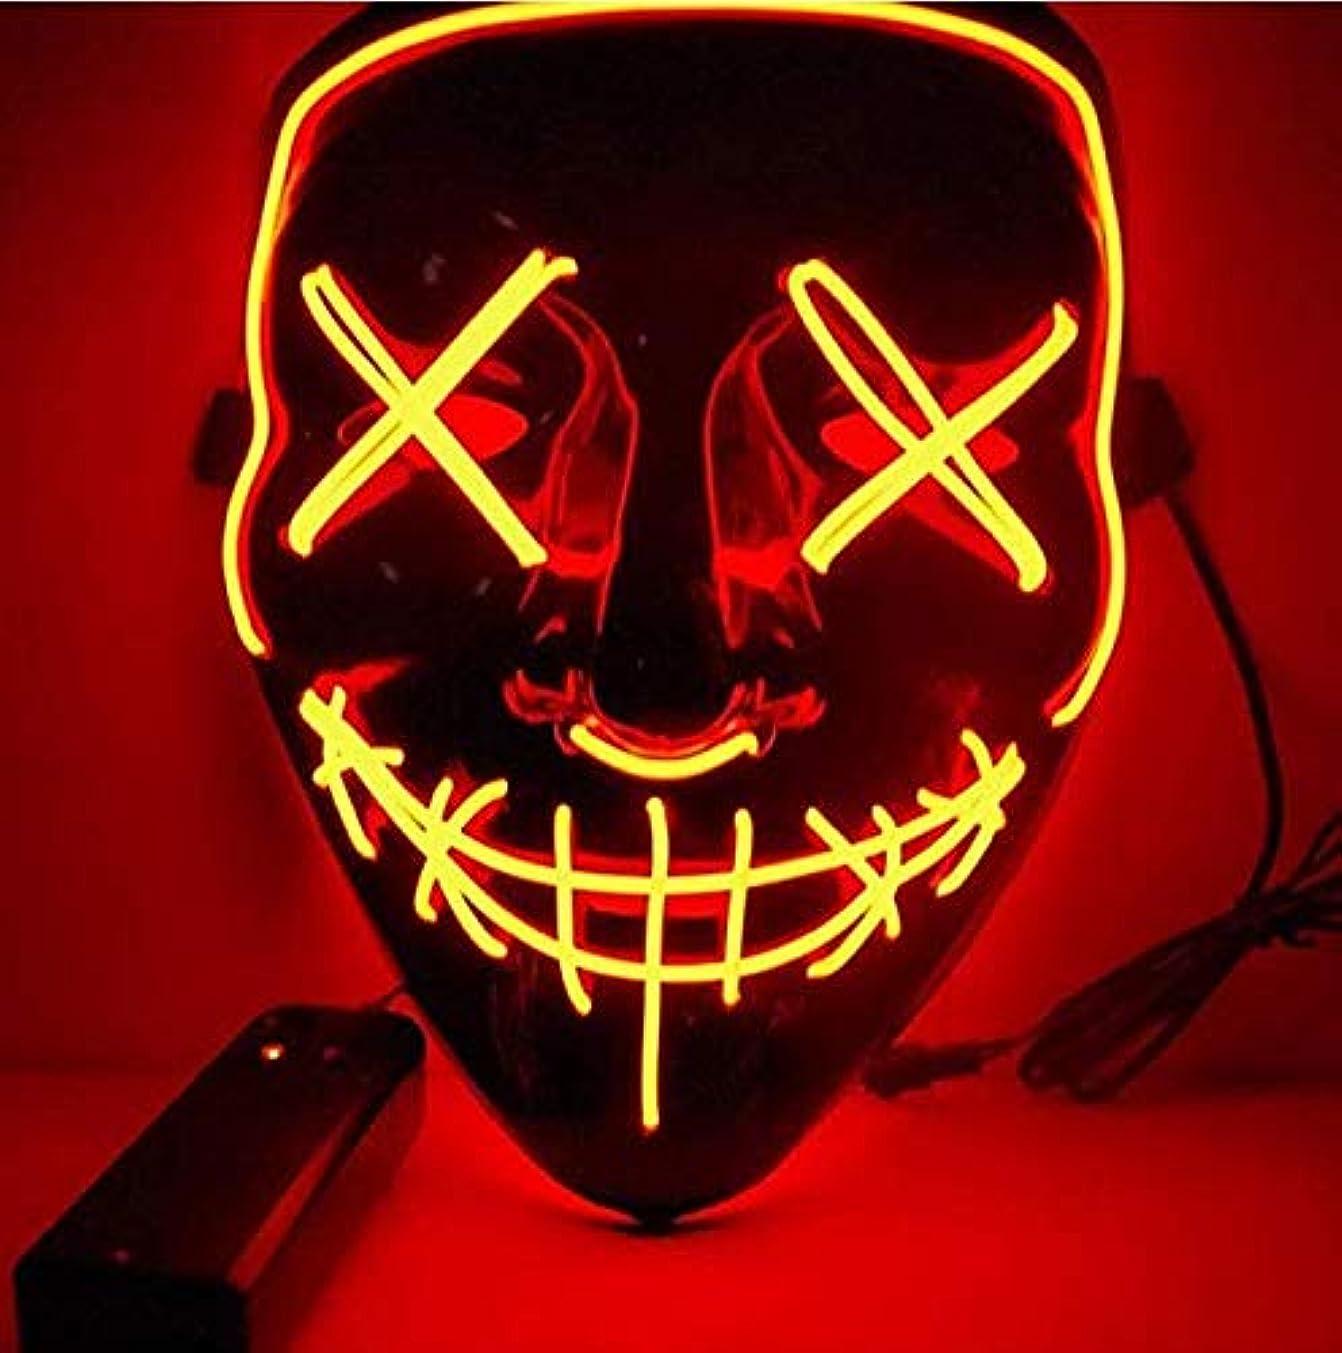 疼痛スキャンダル認知ハロウィンマスクLEDライトアップパーティーマスクコスプレコスチュームサプライ暗闇で光る (Color : PURPLE)